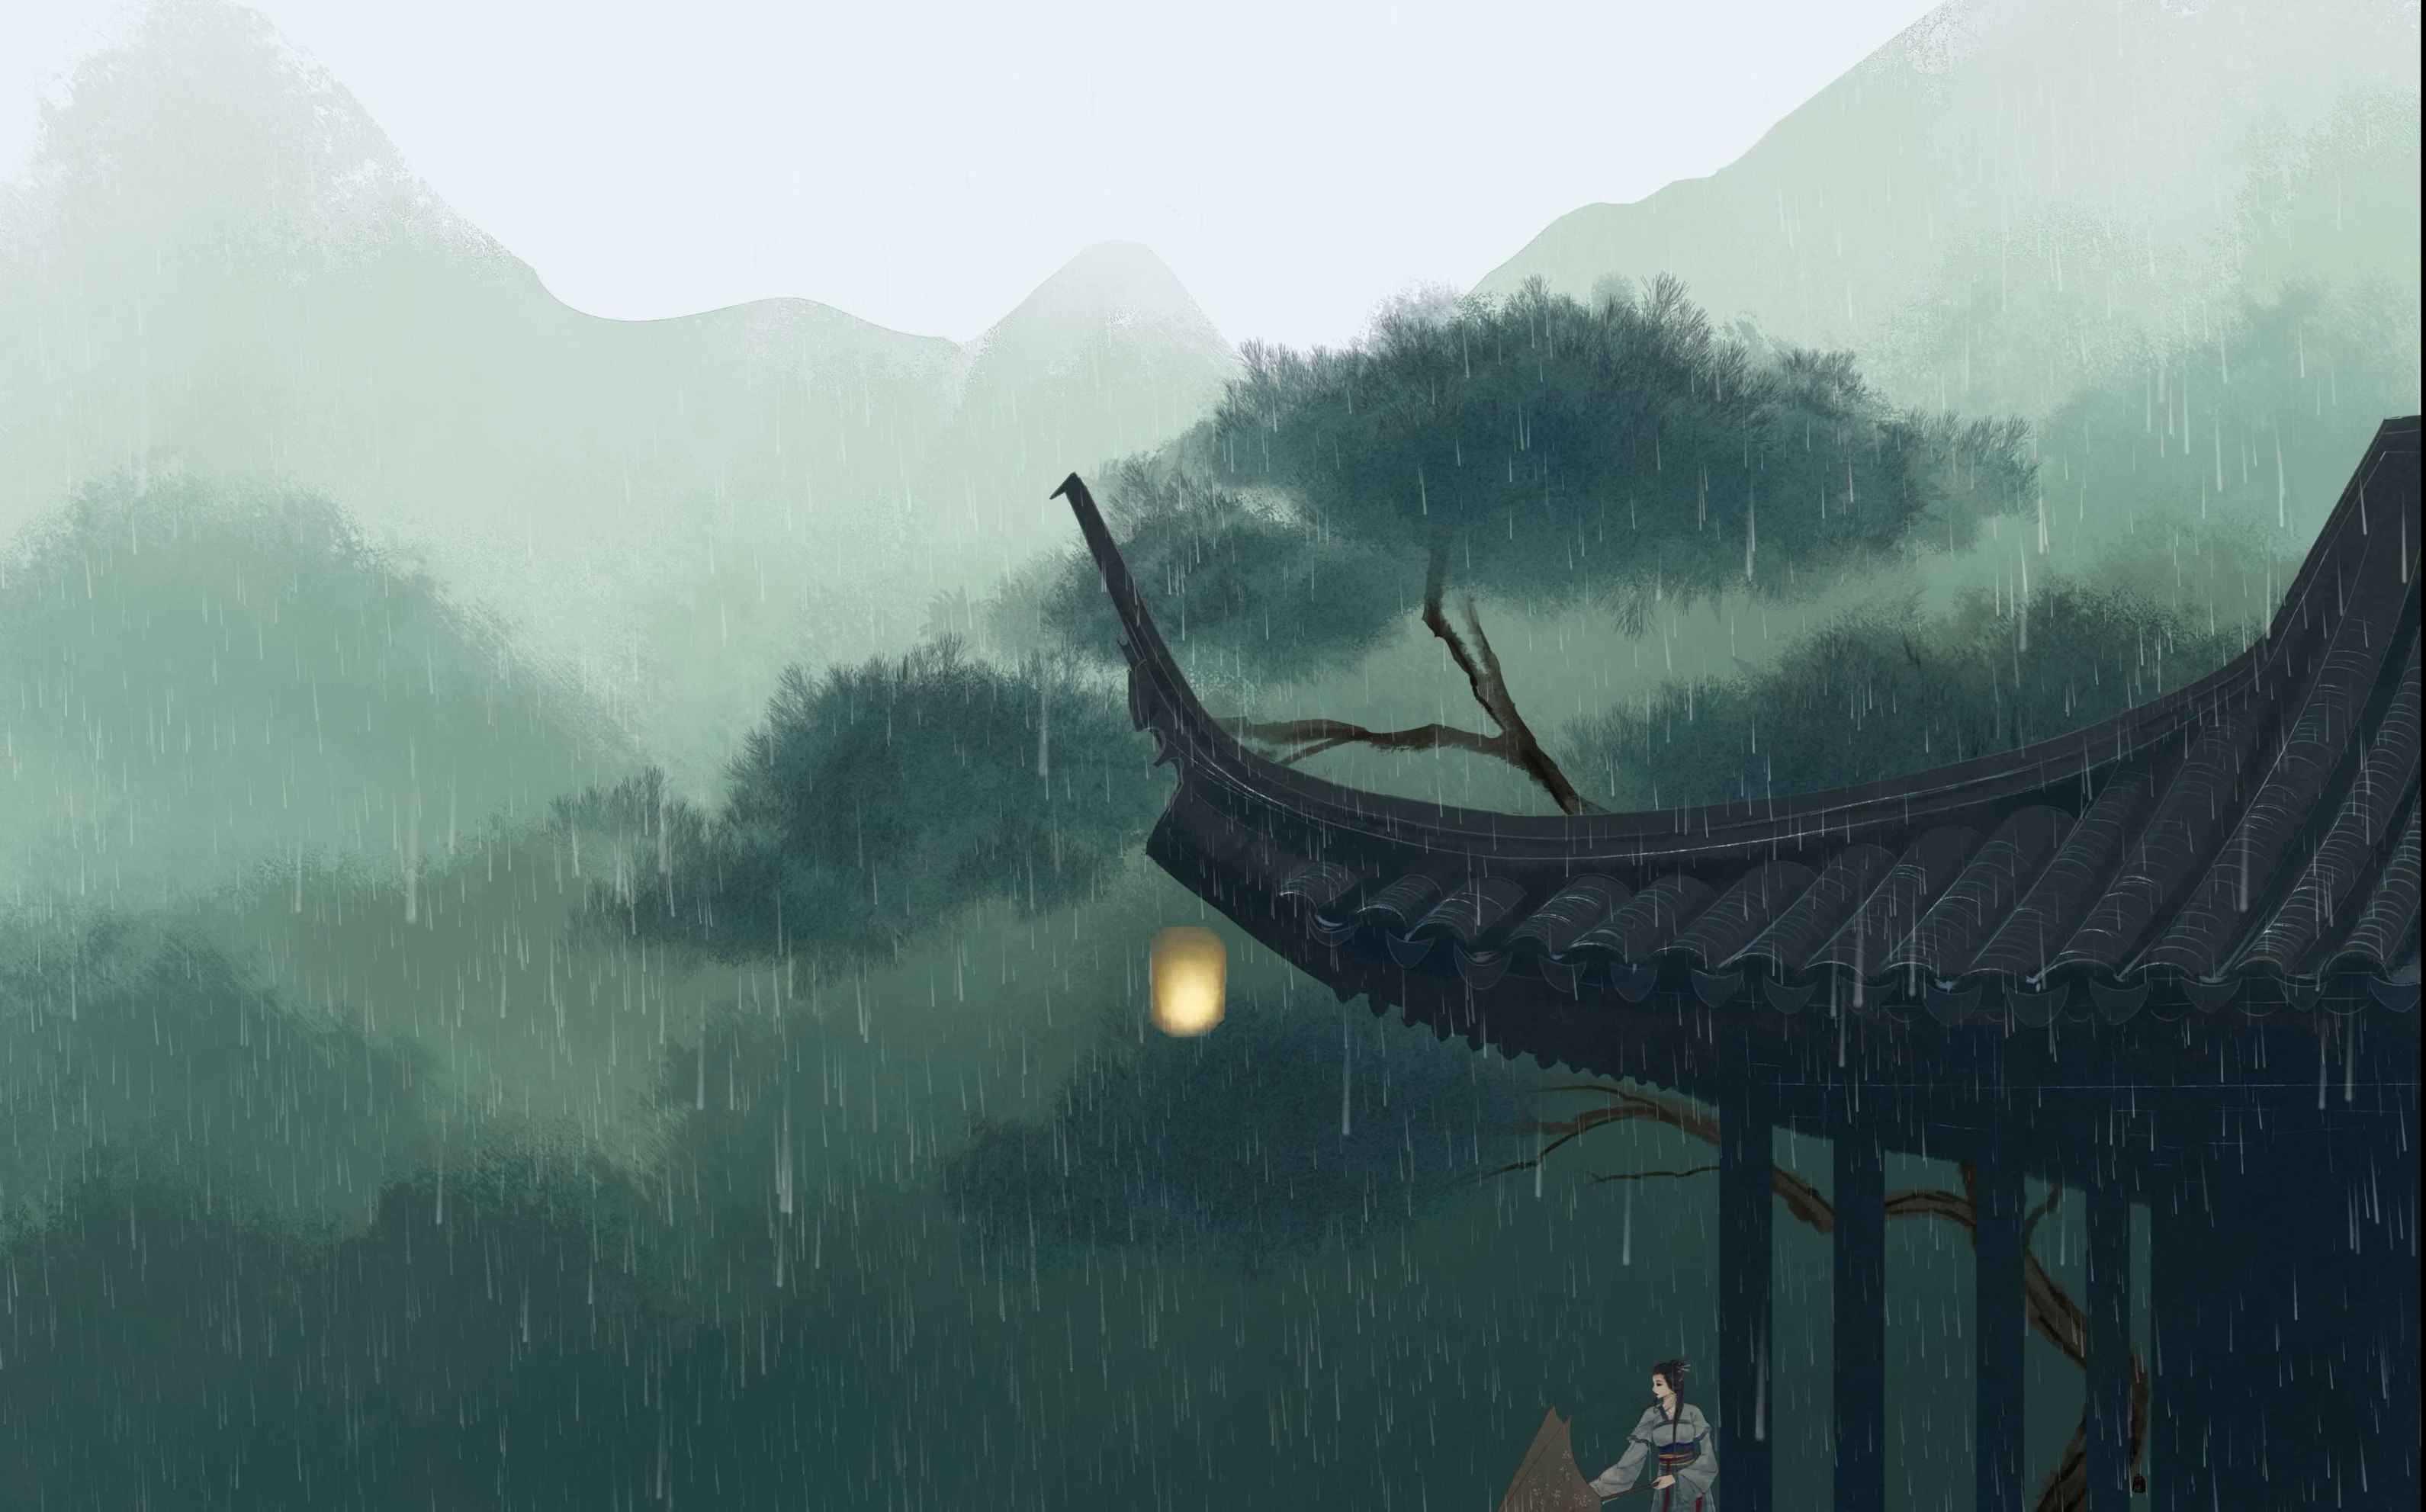 安静的夏天有雨还有美好时光